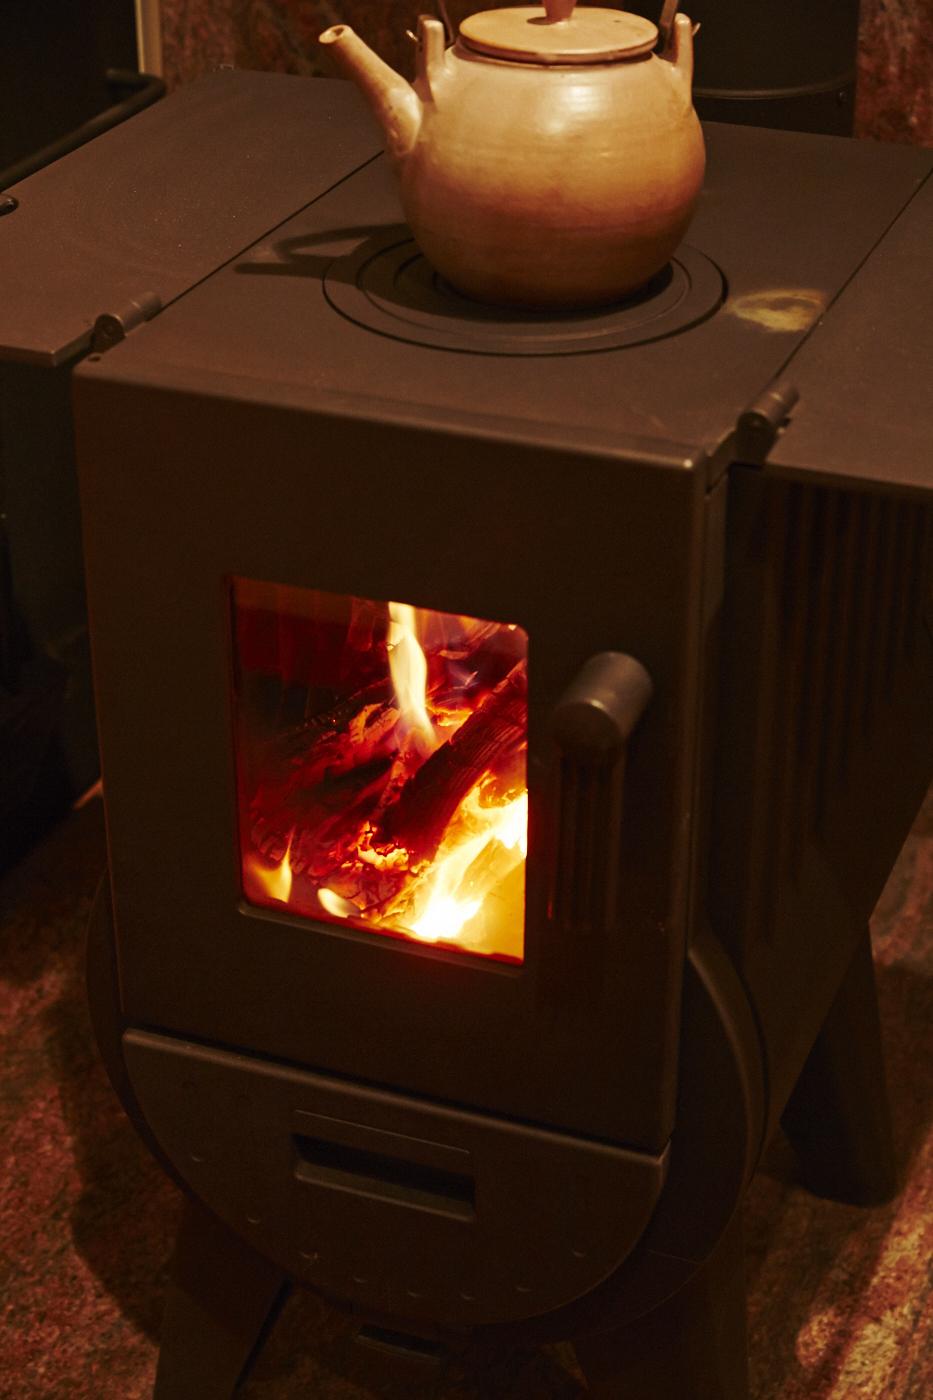 炎の揺らぎは心も暖める